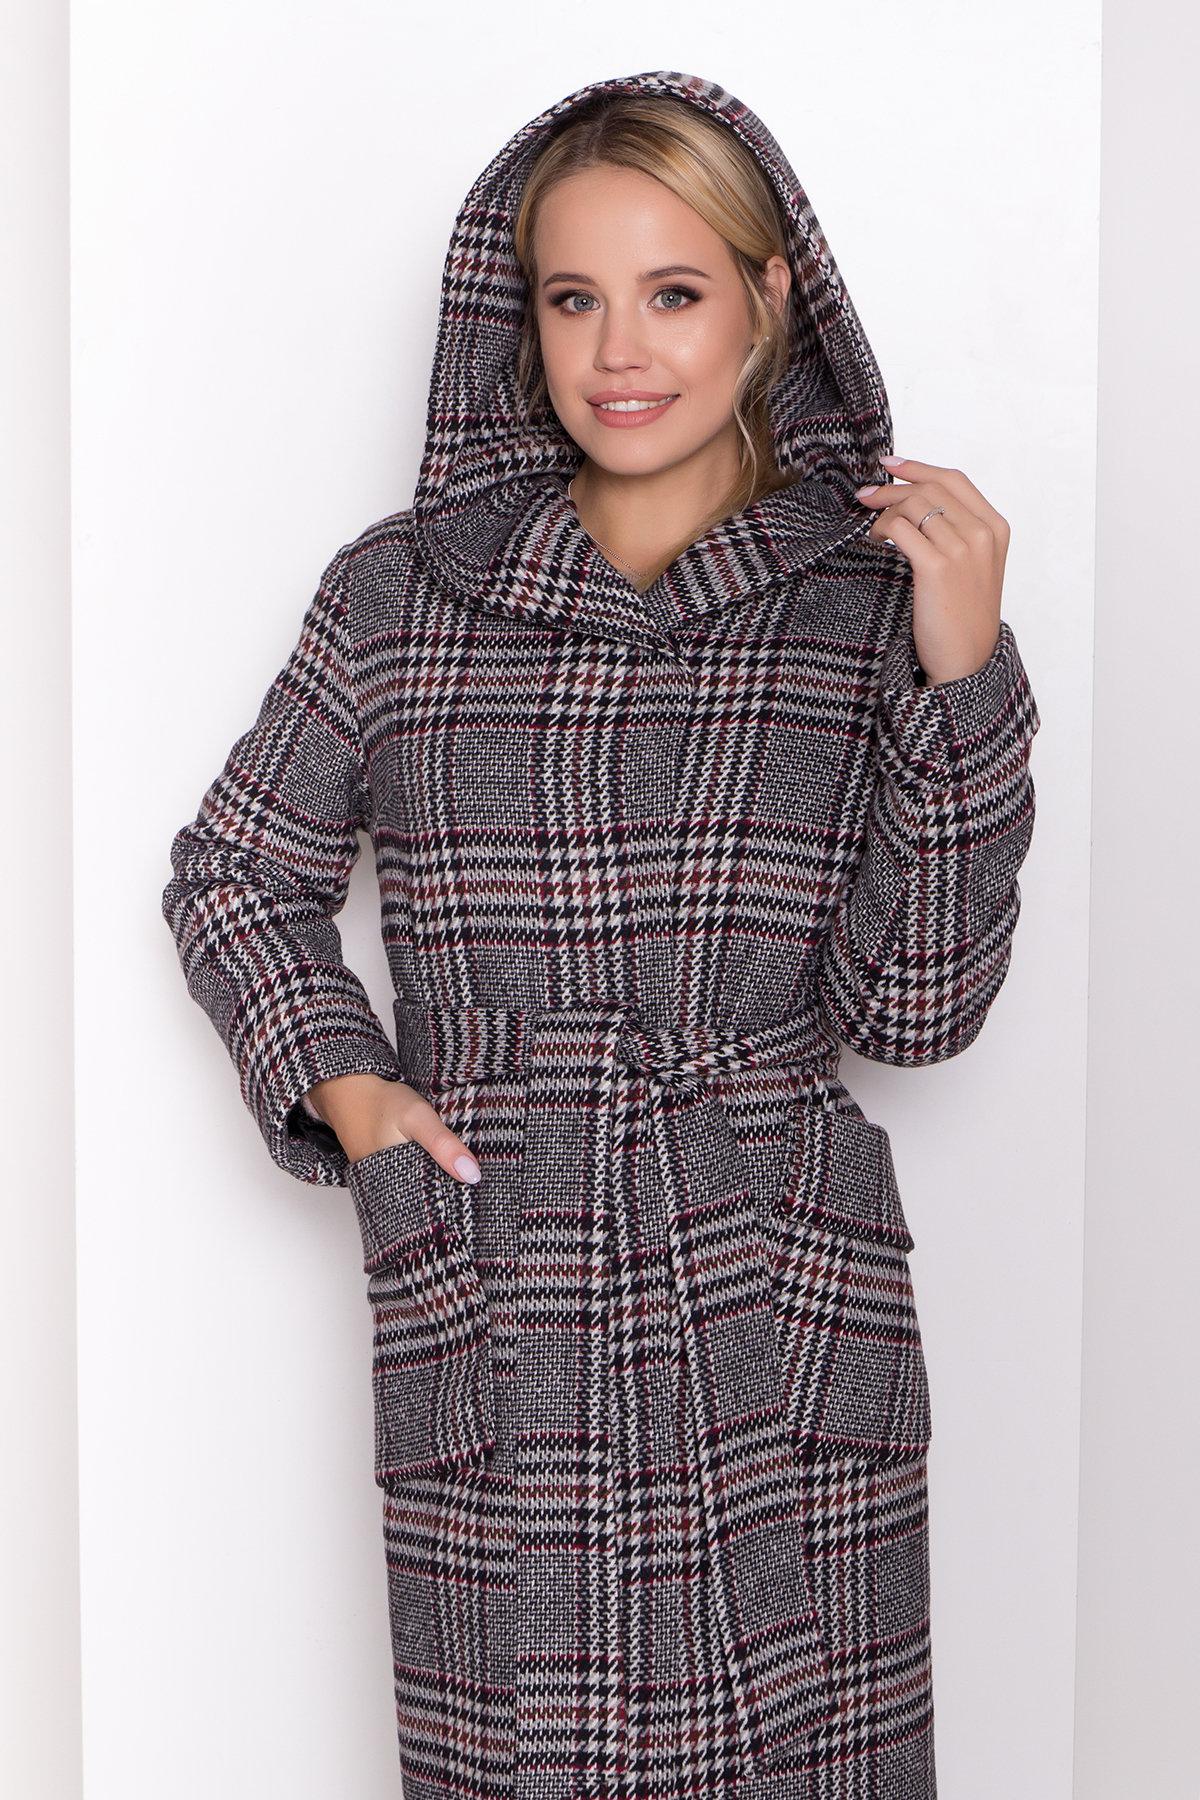 Зимнее пальто в стильную клетку Анджи 8276 АРТ. 44724 Цвет: Клетка кр черн/сер/вин - фото 13, интернет магазин tm-modus.ru